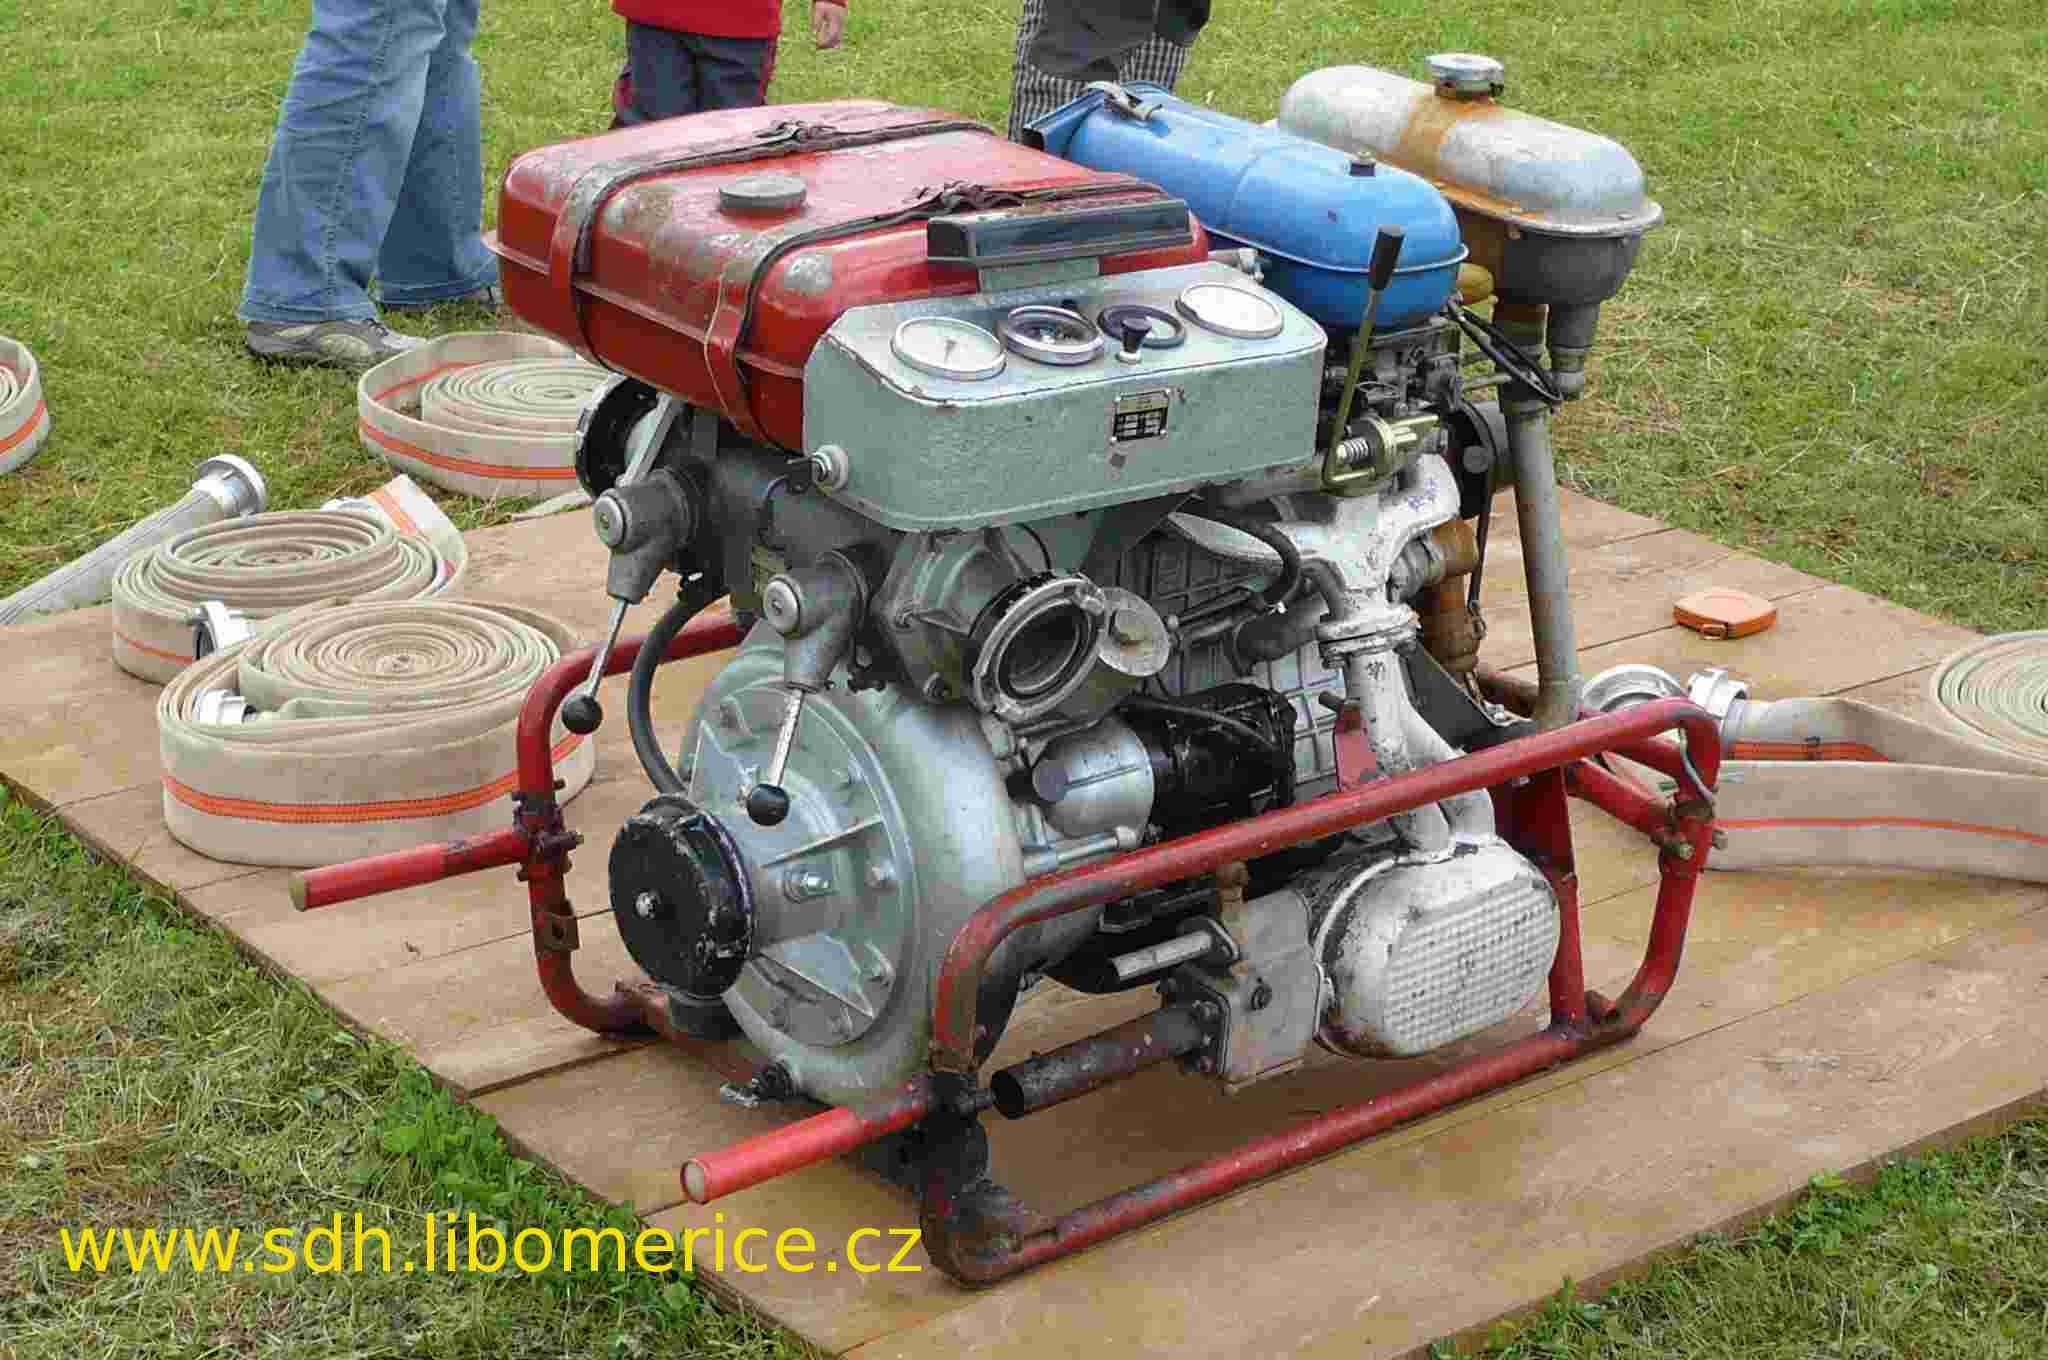 Požární stříkačka - PS 12 hasiči Liboměřice